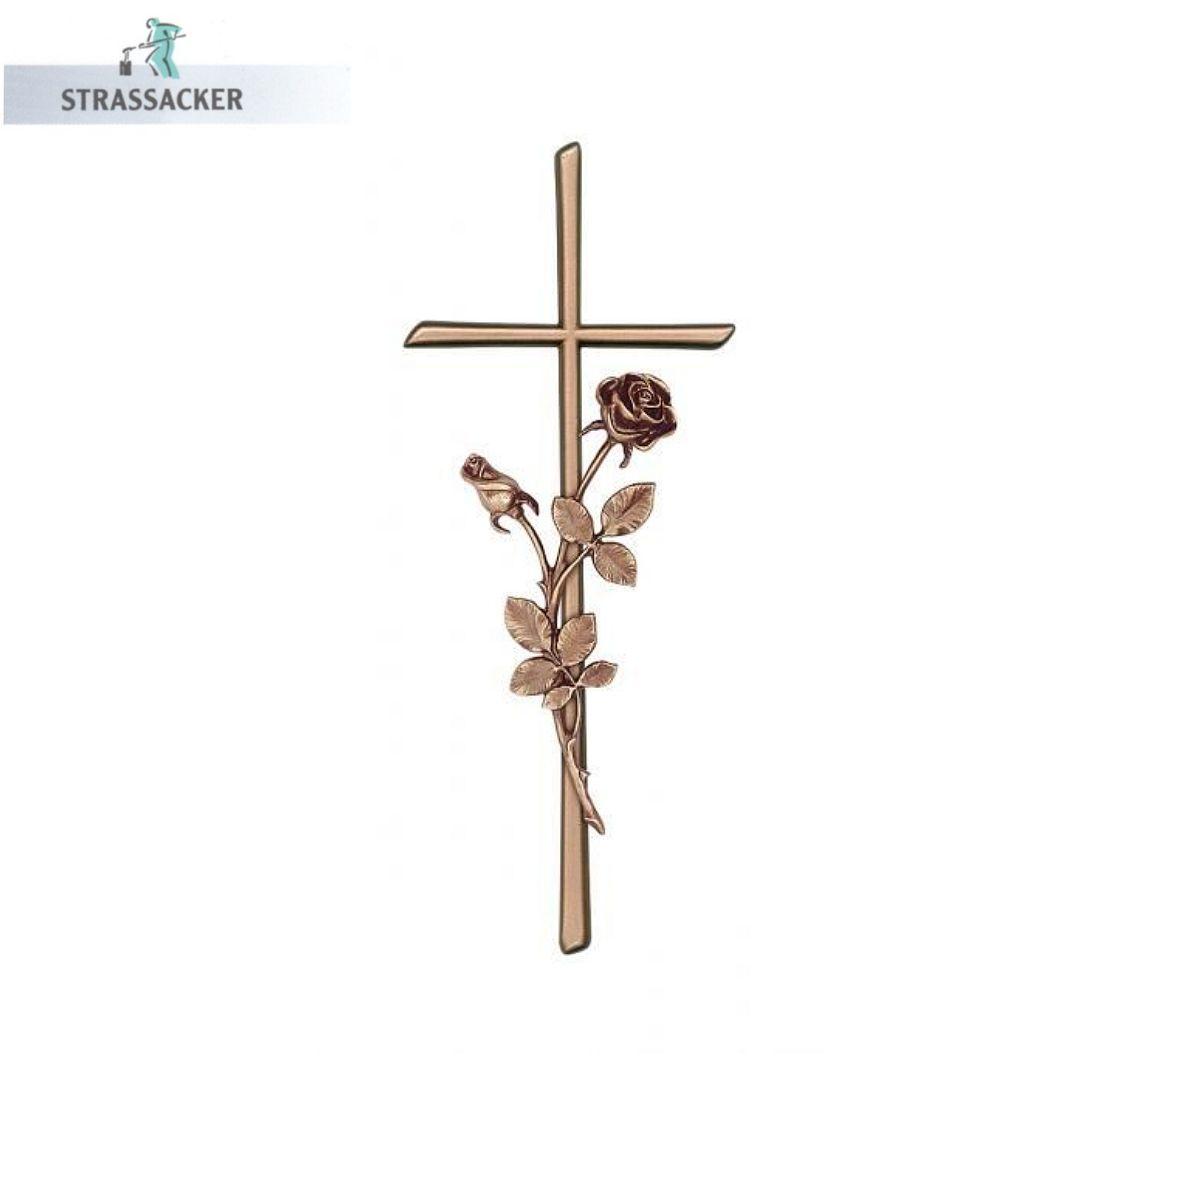 Grabsteinkreuz Mit Rosen Scriptura Aus Bronze, Aluminium Oder